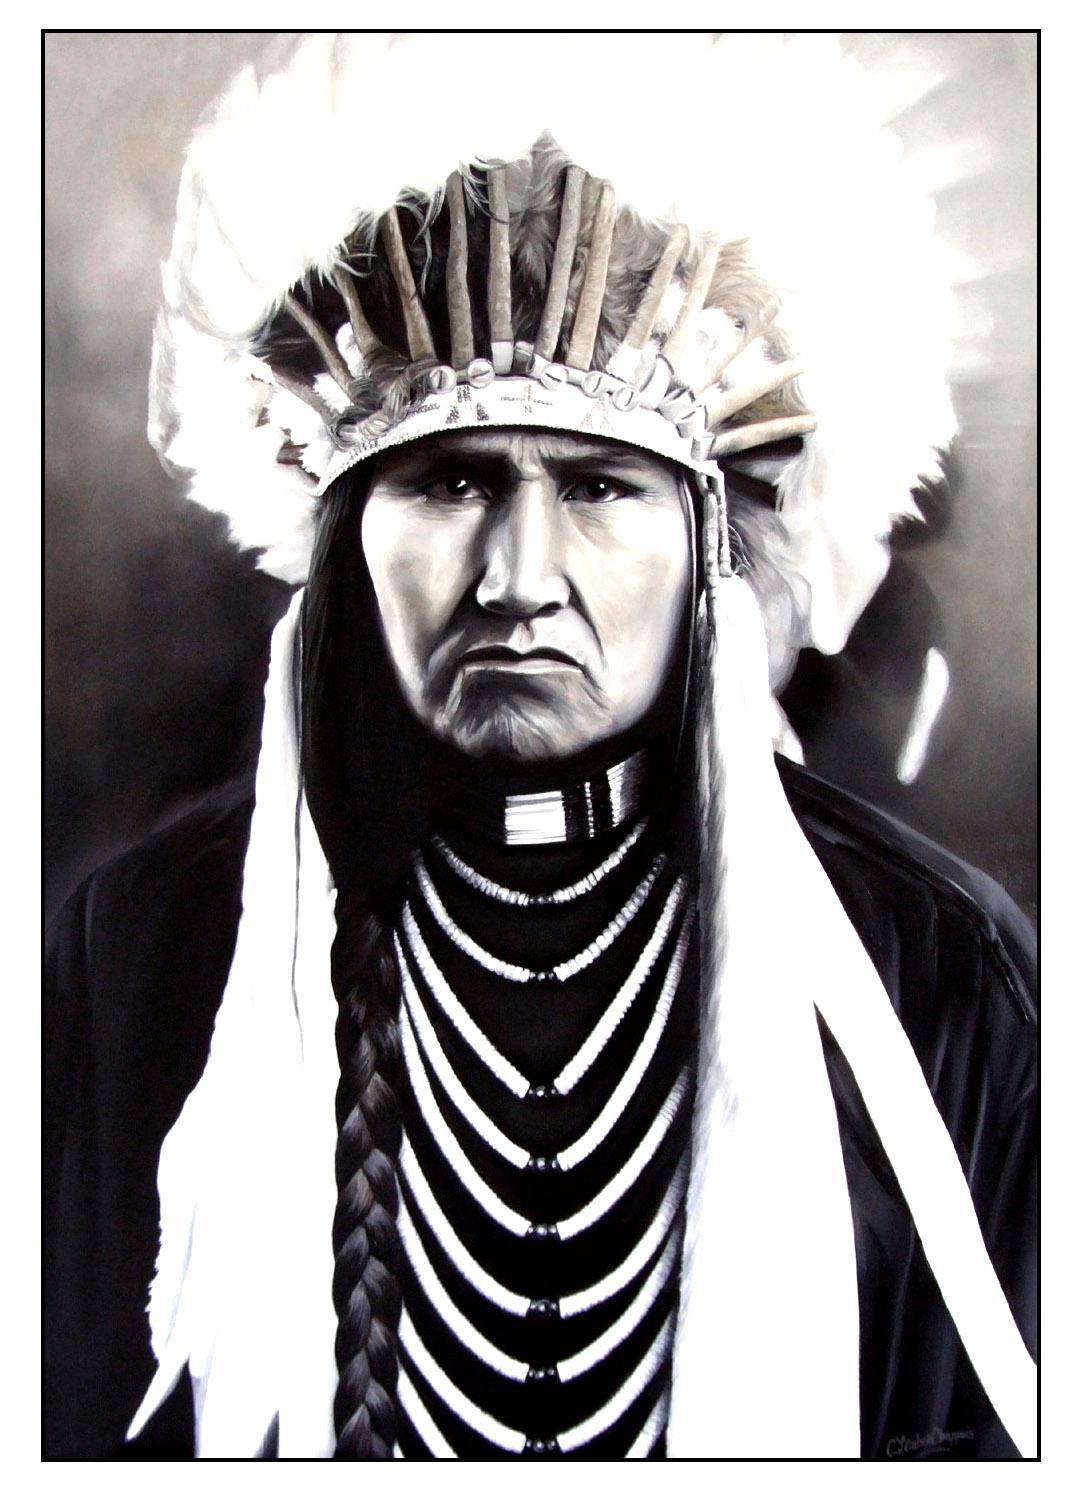 Disegni da colorare per adulti : Indiano dAmerica - 12